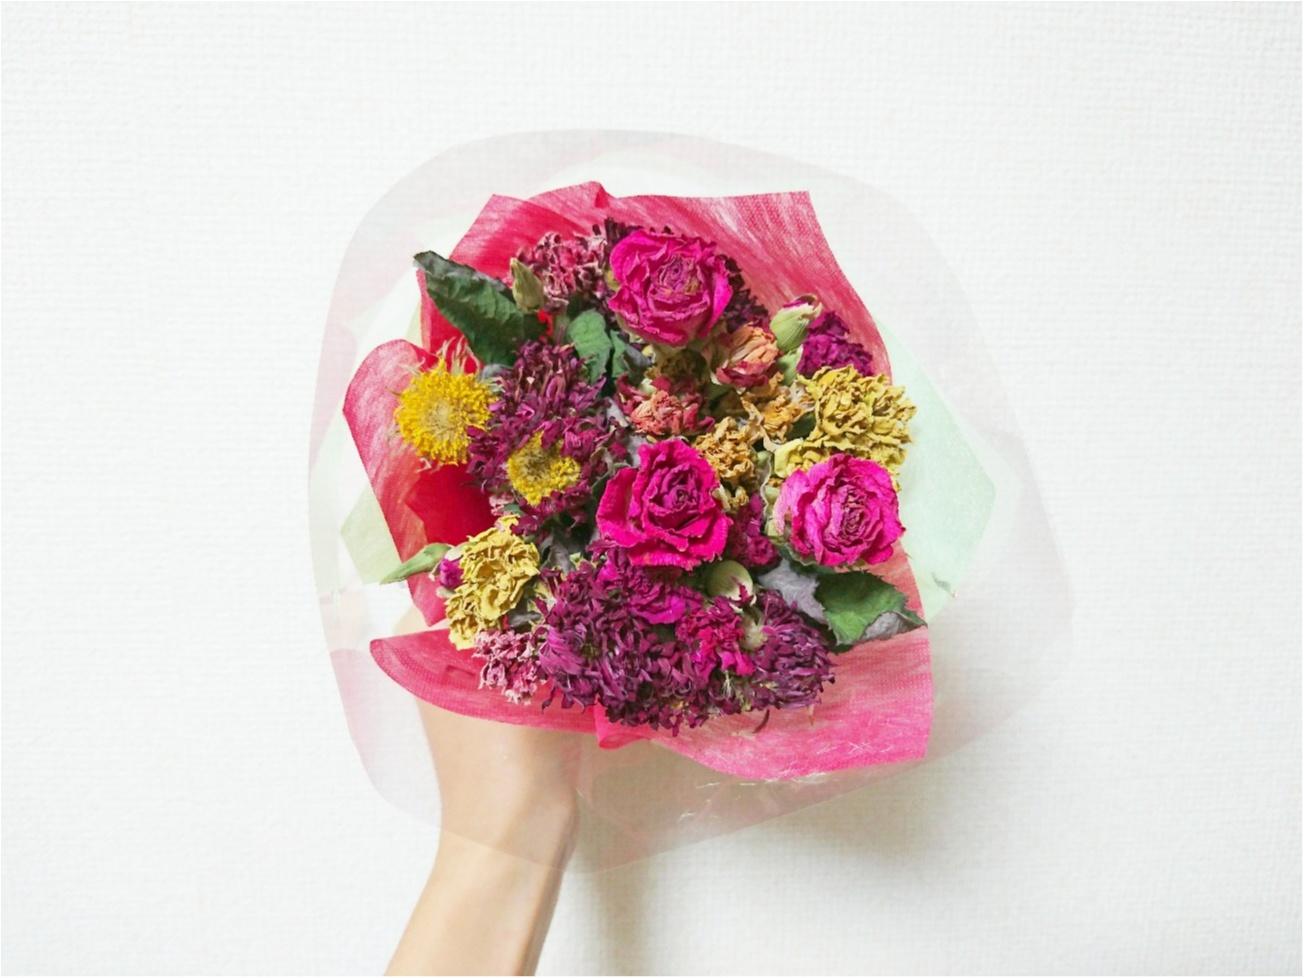 """【コスメ】好みの """"香り"""" を身に付け、日々の暮らしを、ちょっと豊かに ♪ ほんのり香る """"練り香水"""" がオススメ !『rose et moi』を愛用中 ♪_2"""